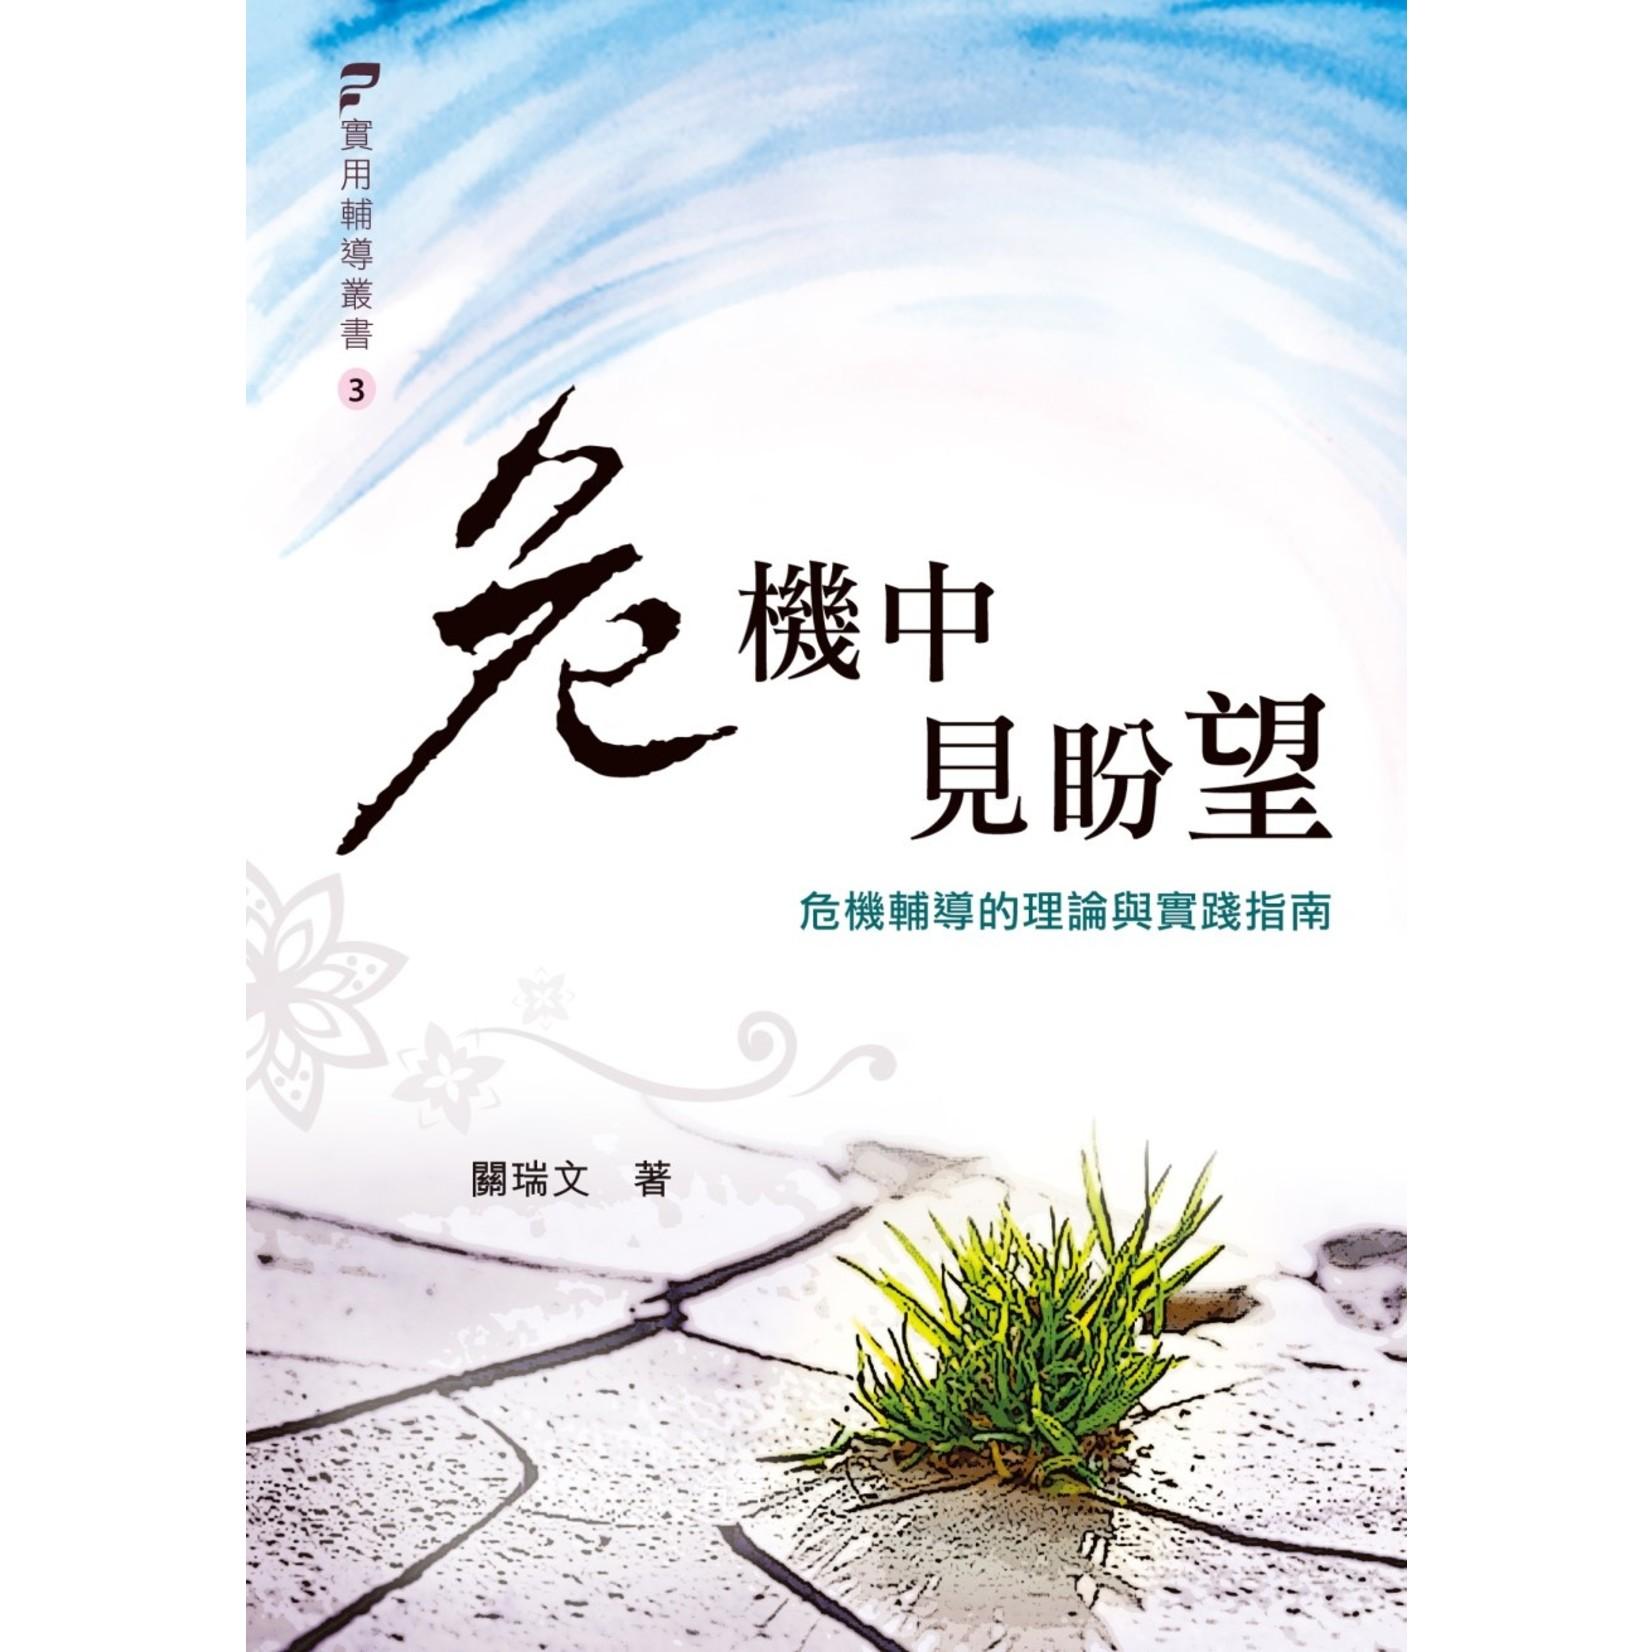 基督教文藝(香港) Chinese Christian Literature Council 危機中見盼望:危機輔導的理論與實踐指南